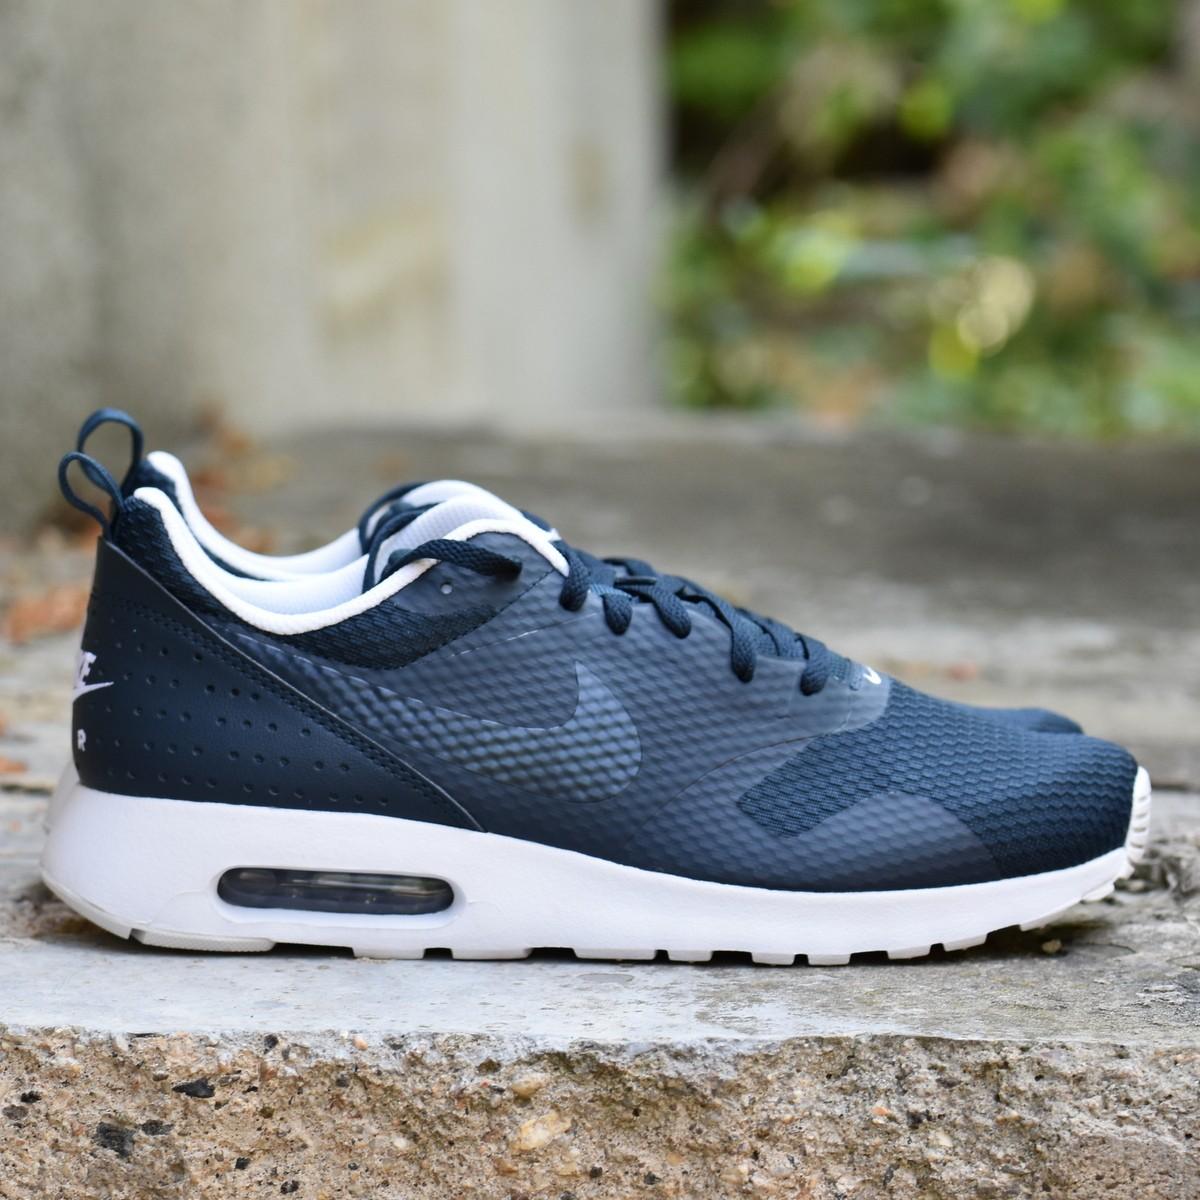 Nike AIR MAX TAVAS Pánské boty EU 41 705149-409 c05df42d61